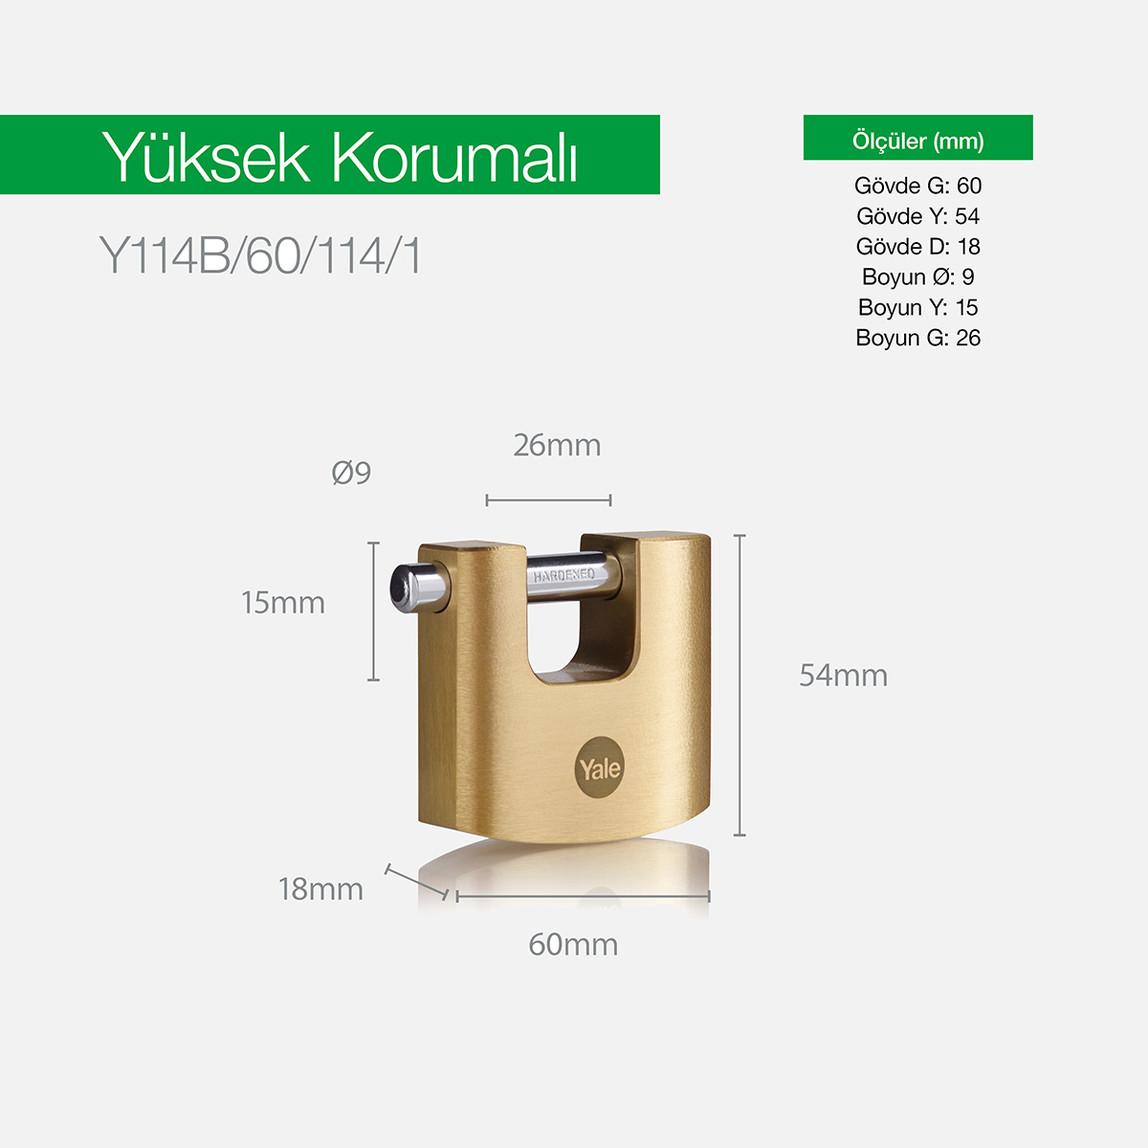 Yale 60 mm Oval Kayar Pimli Pirinç Asma Kilit  - Blister